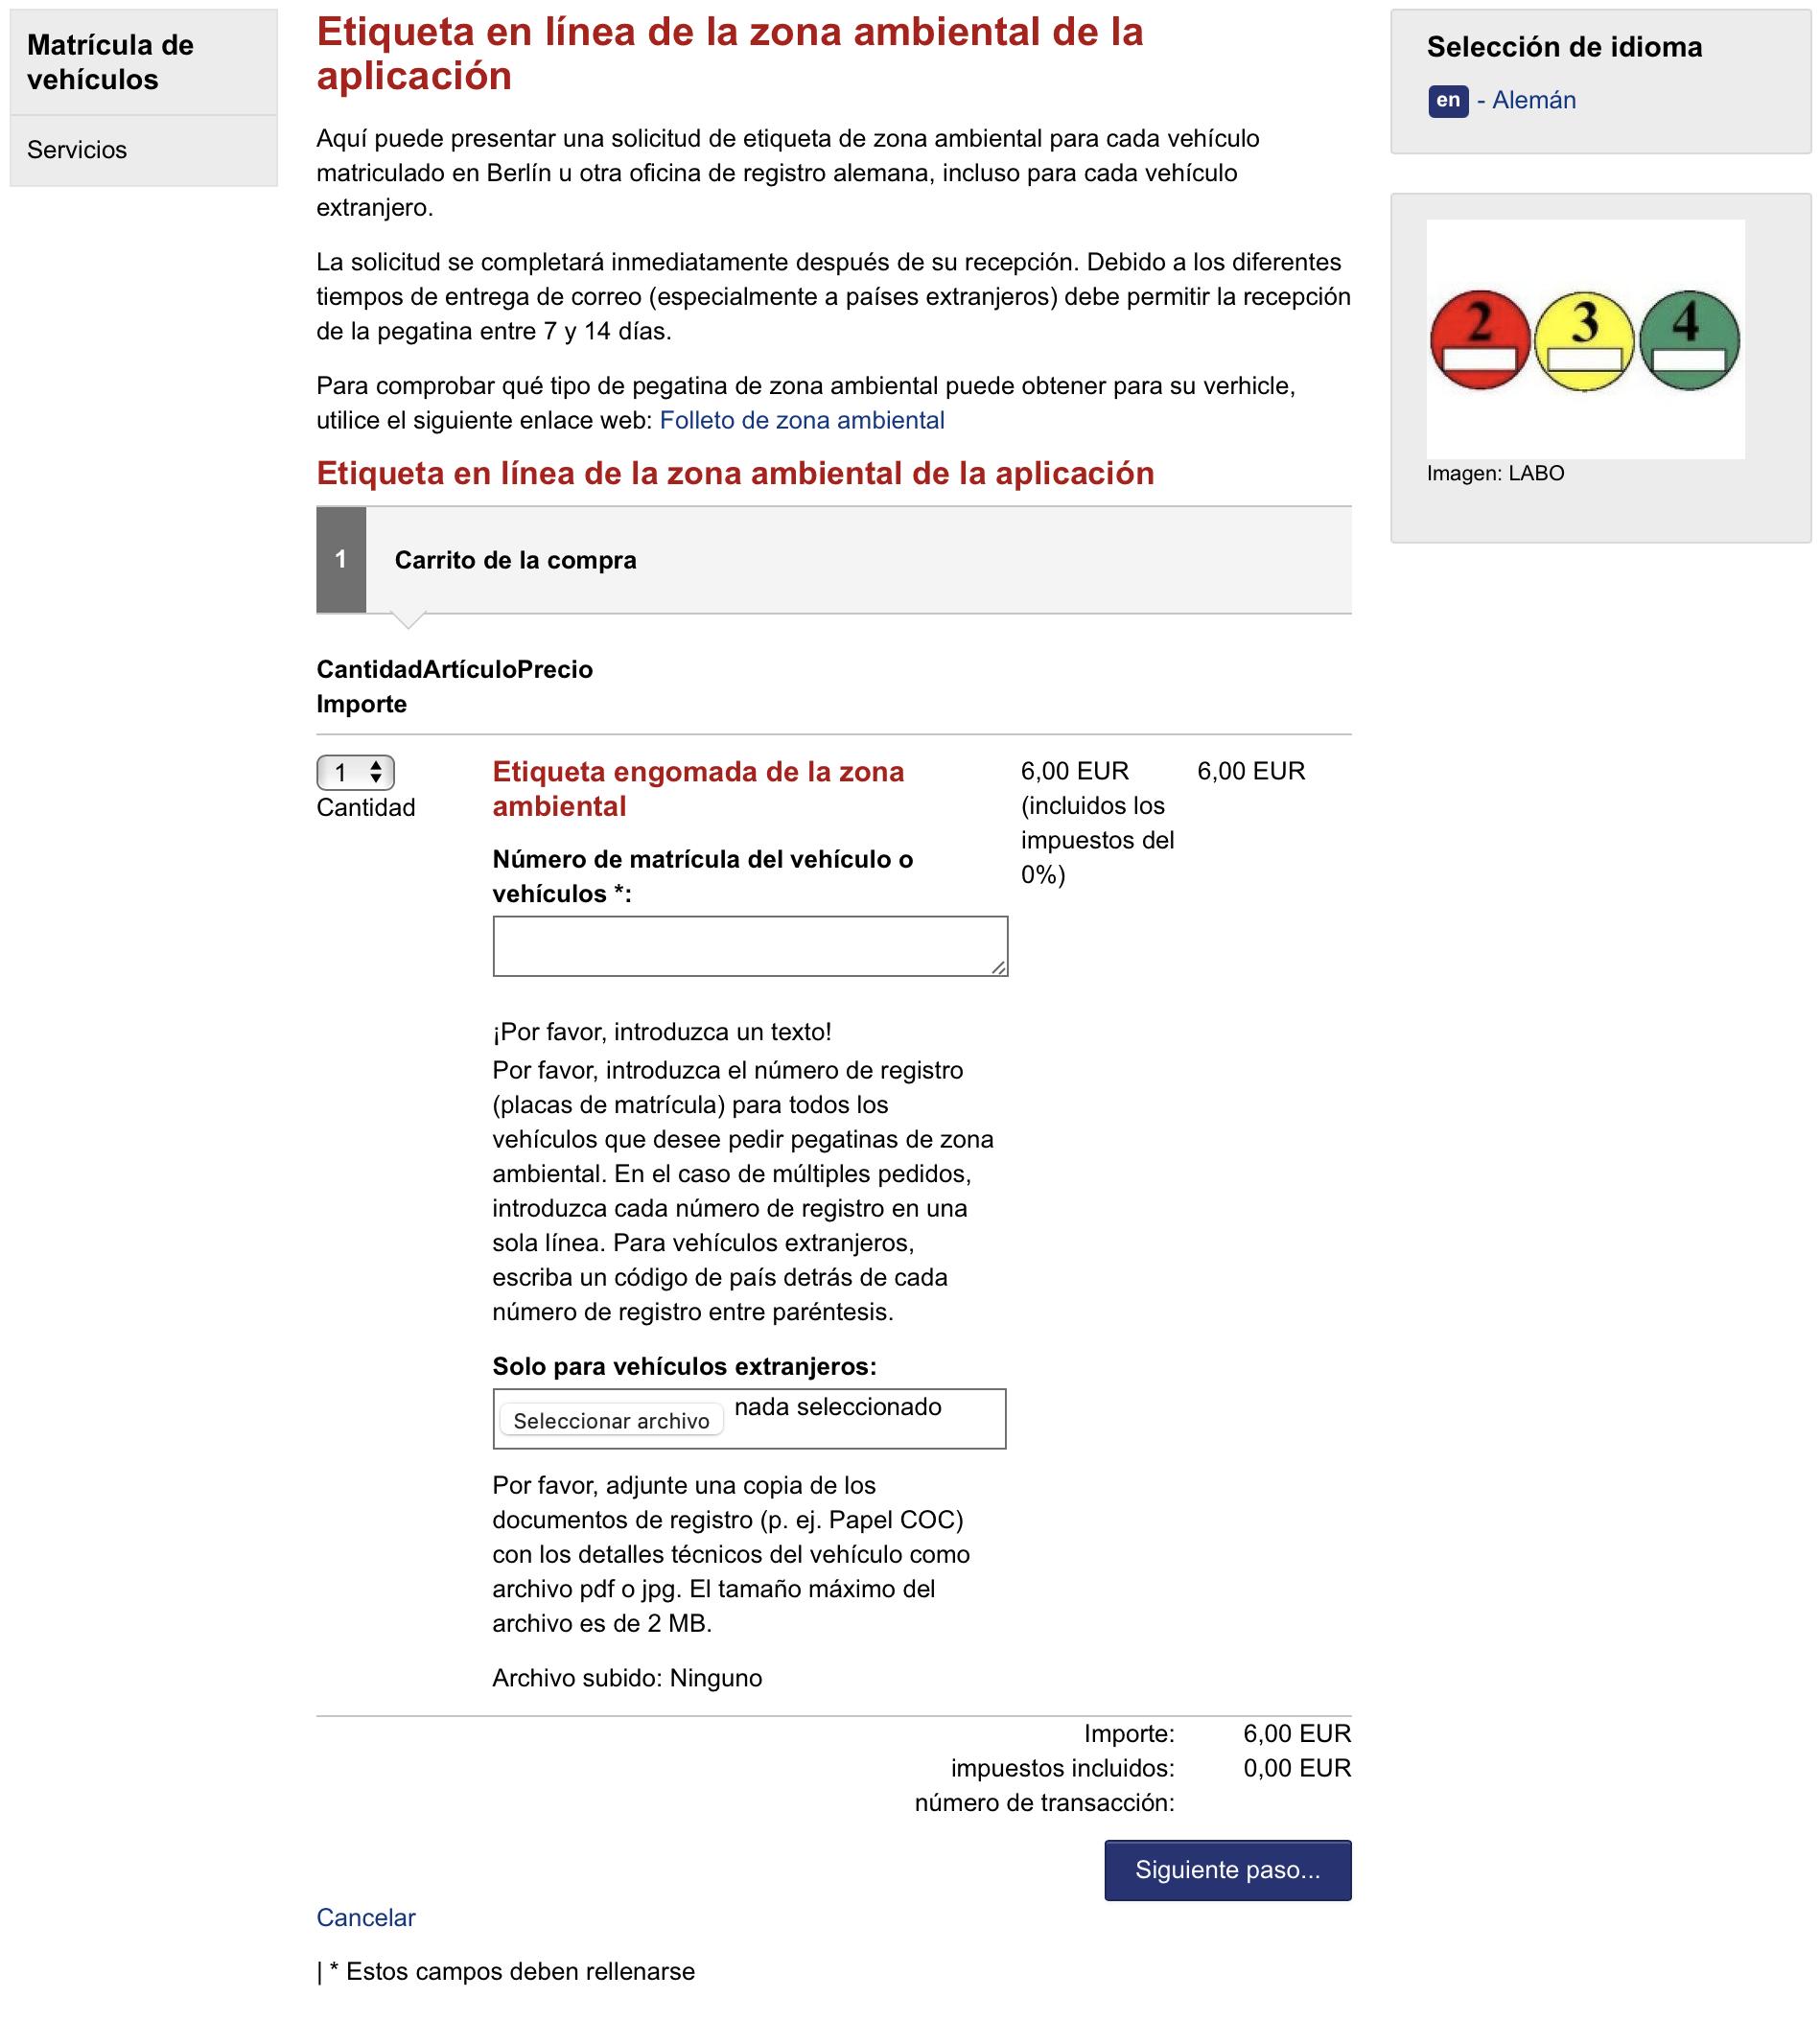 formulario para solicitar el distintivo ambiental para Alemania